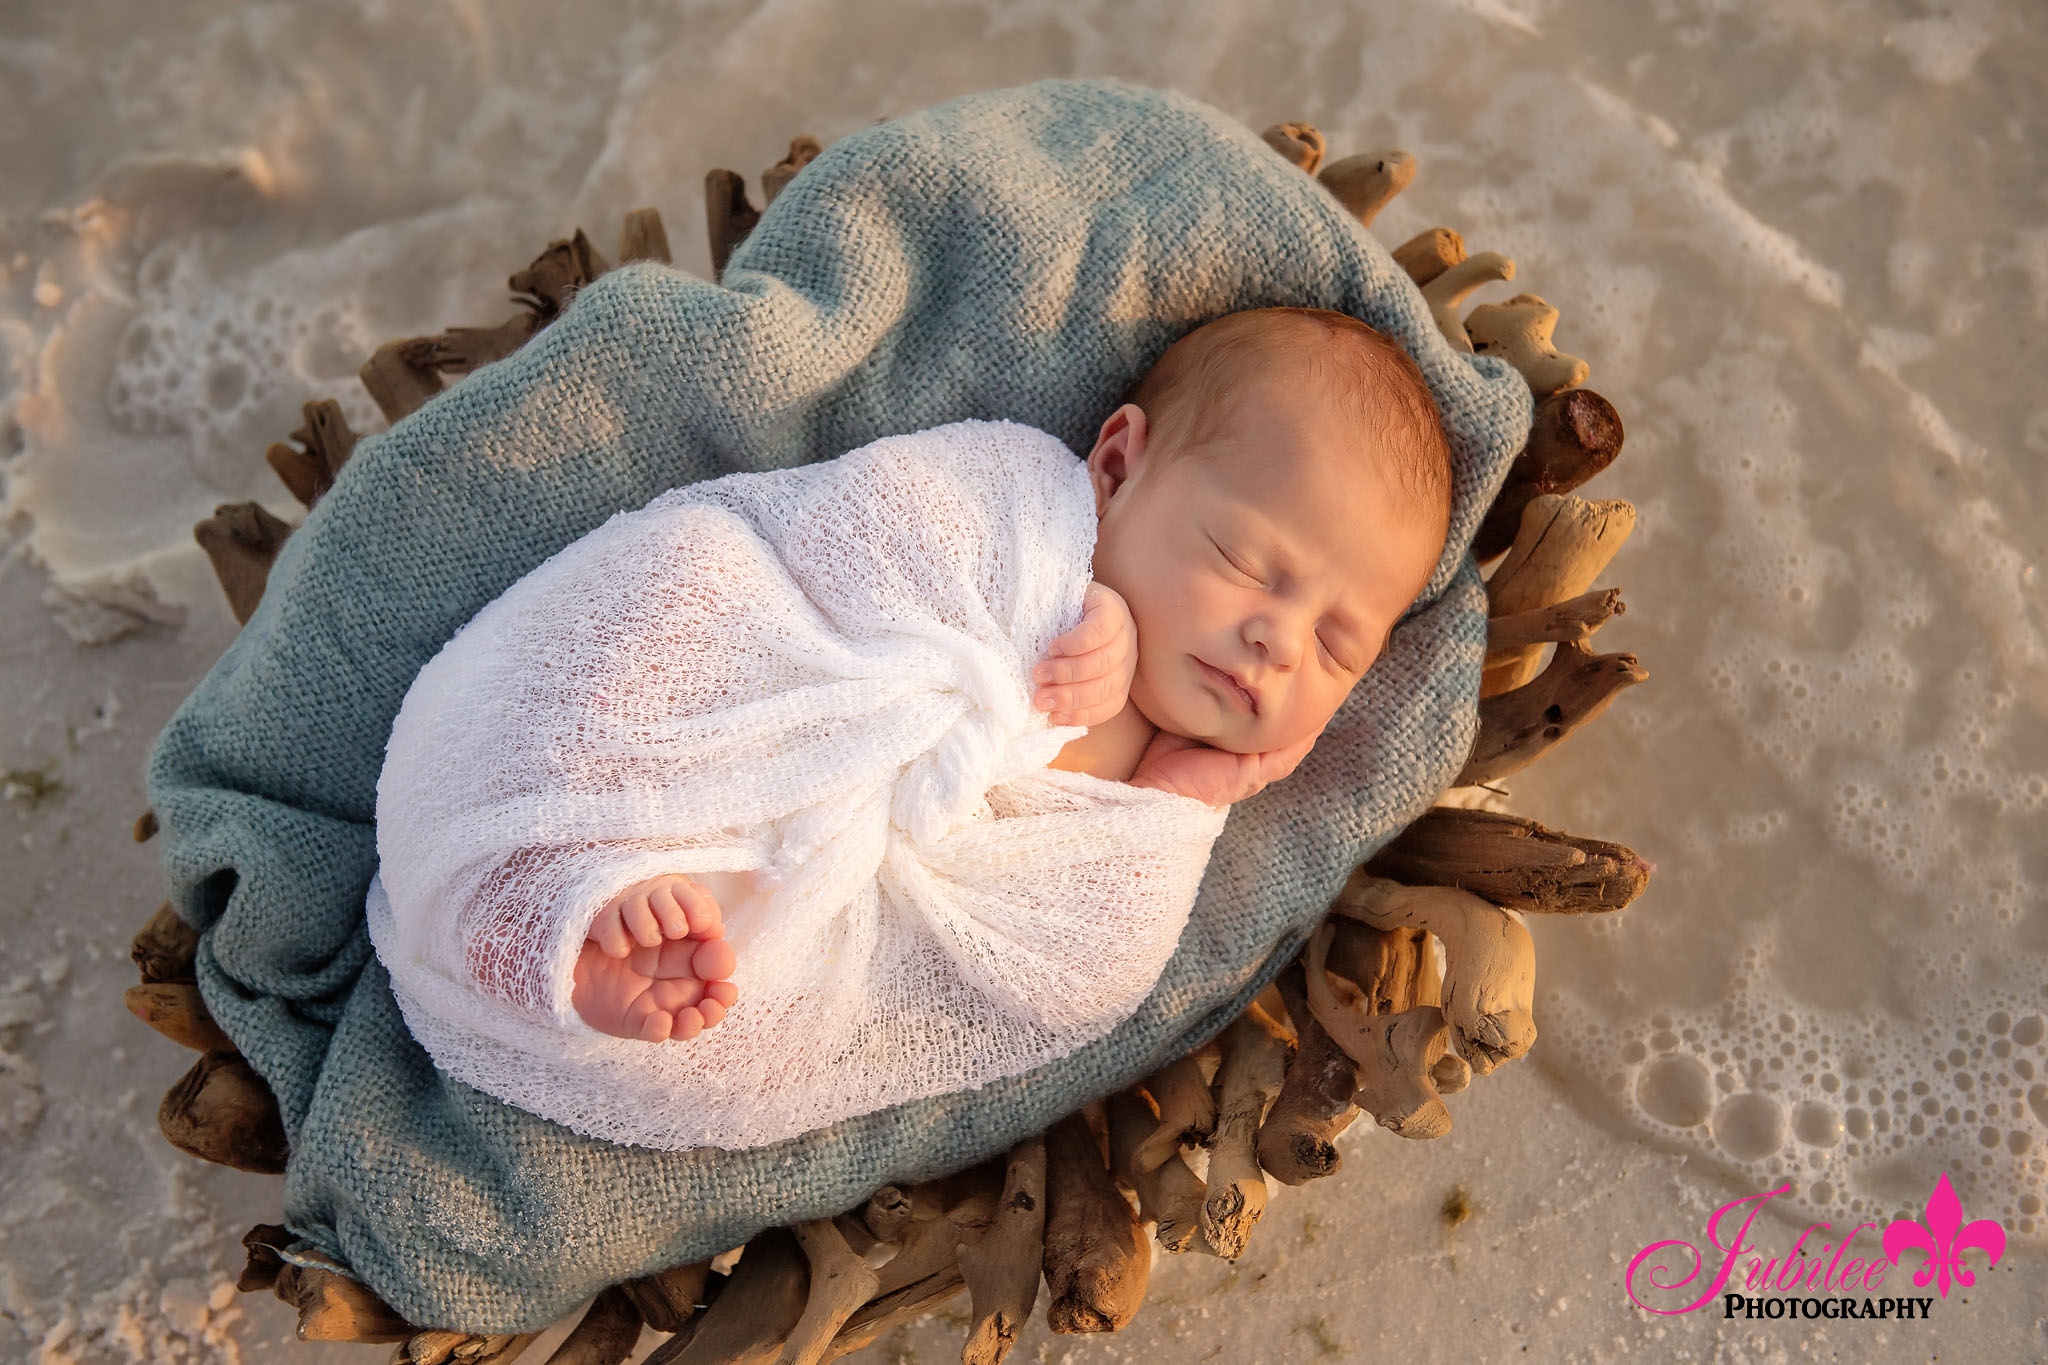 destin_newborn_photographer_6236